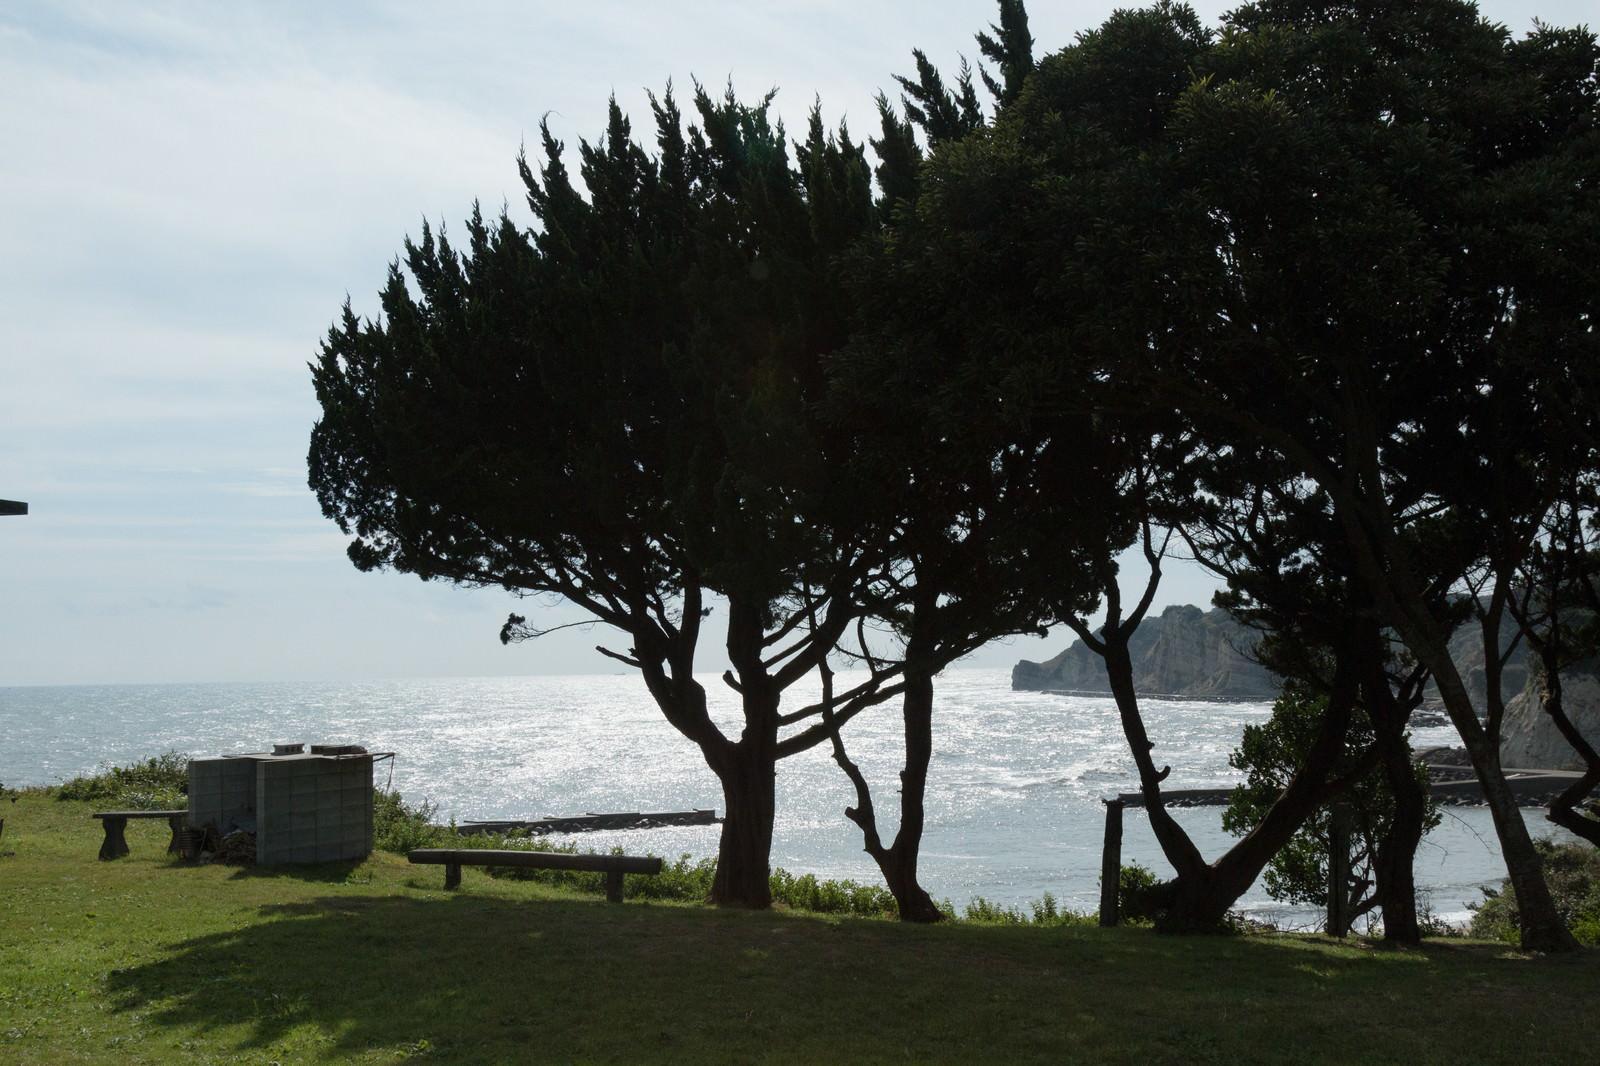 「いすみ市小浜城跡からの景観」の写真